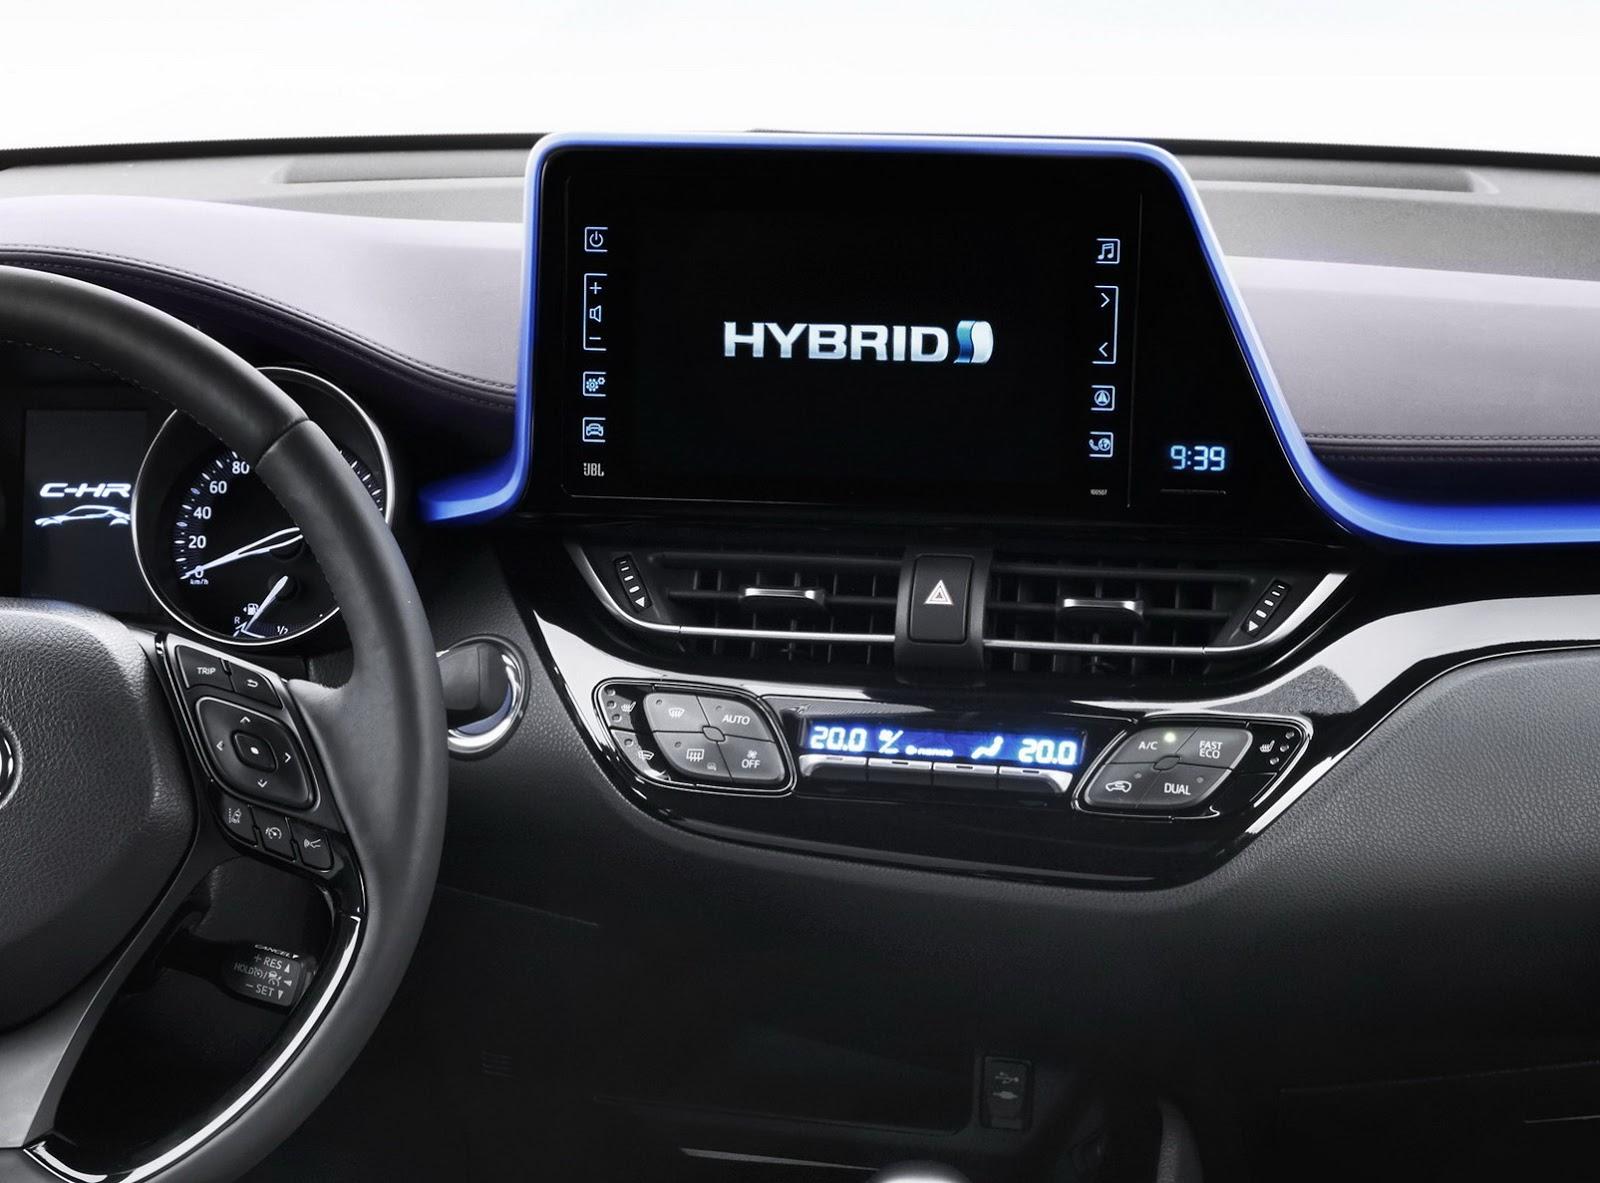 toyota c-hr hybrid fiyatları açıklandı. rakipleri ile durum nedir